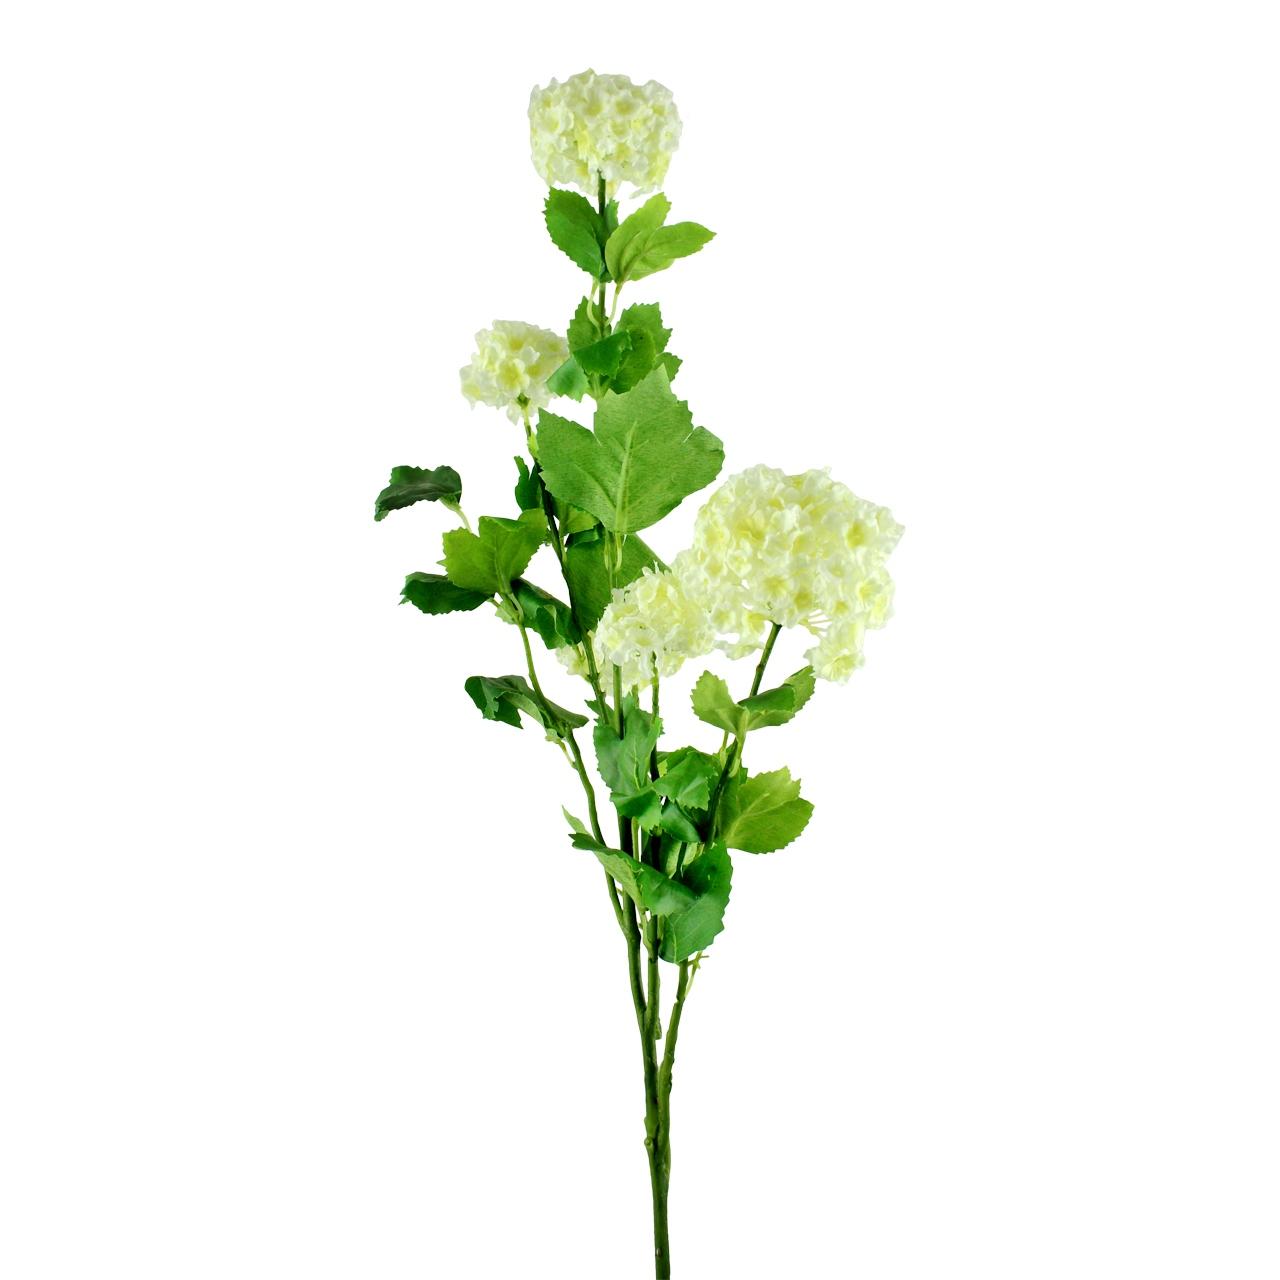 Floare decorativa Minge de mai crem 97 cm( 391575)